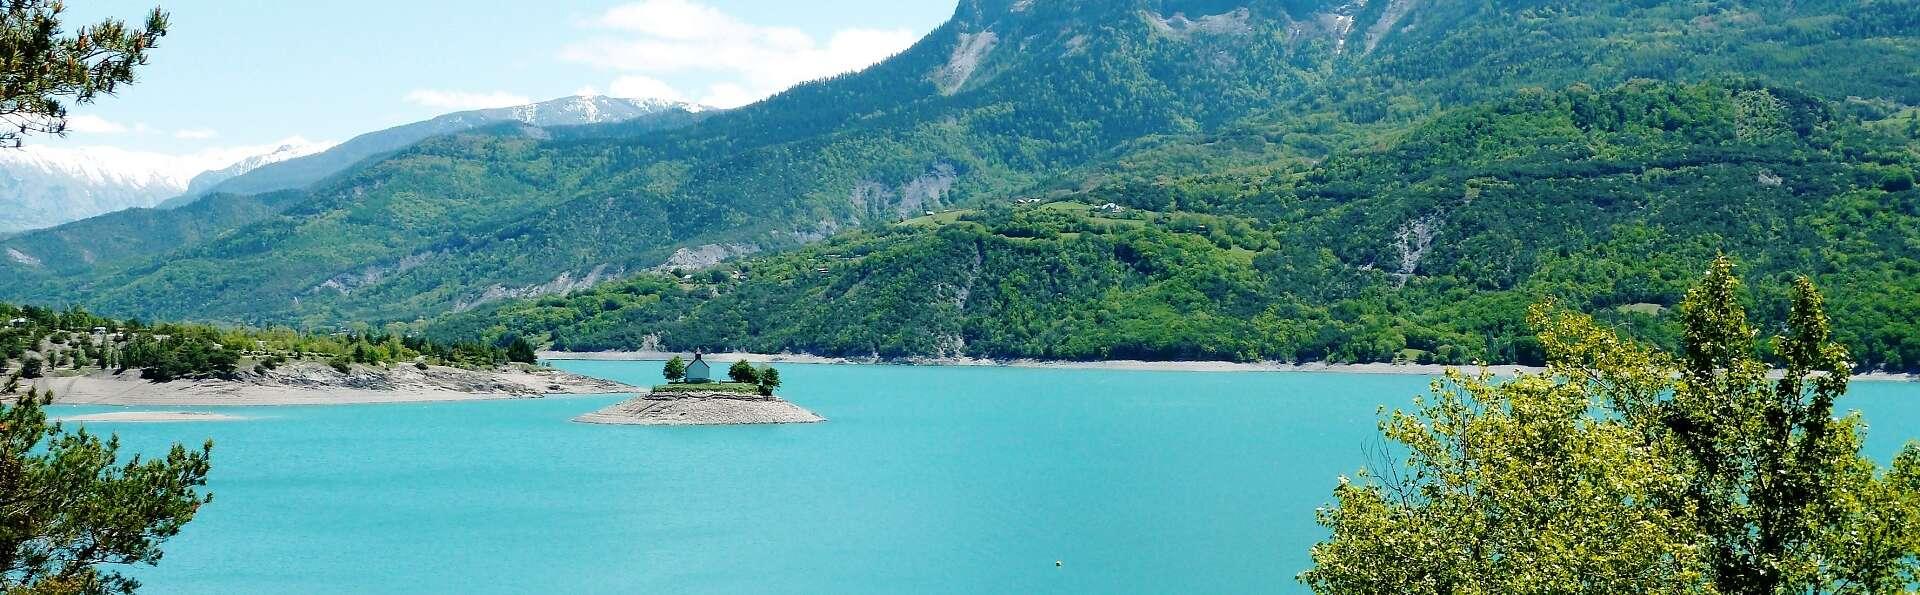 Club Vacances Bleues Les Horizons du Lac - EDIT_Paysage.jpg